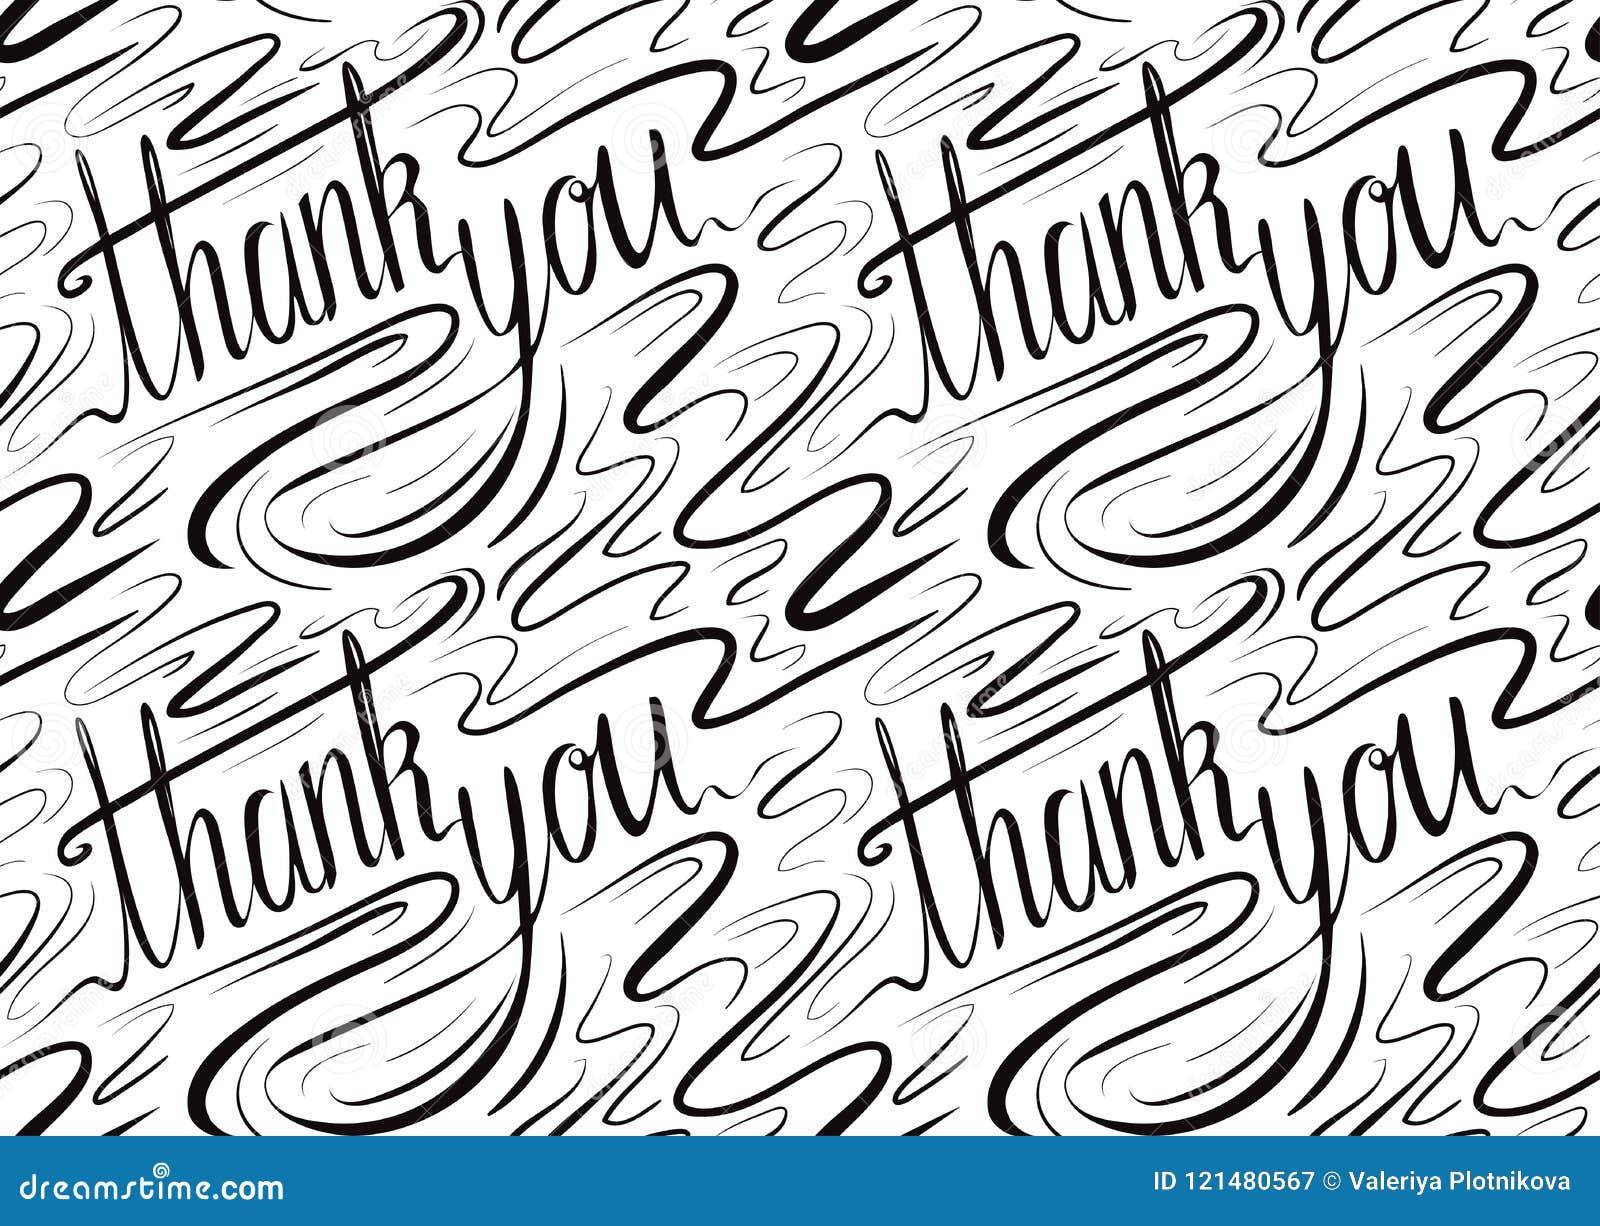 Nahtloses Kalligraphisches Muster Mit Der Aufschrift Danken Ihnen